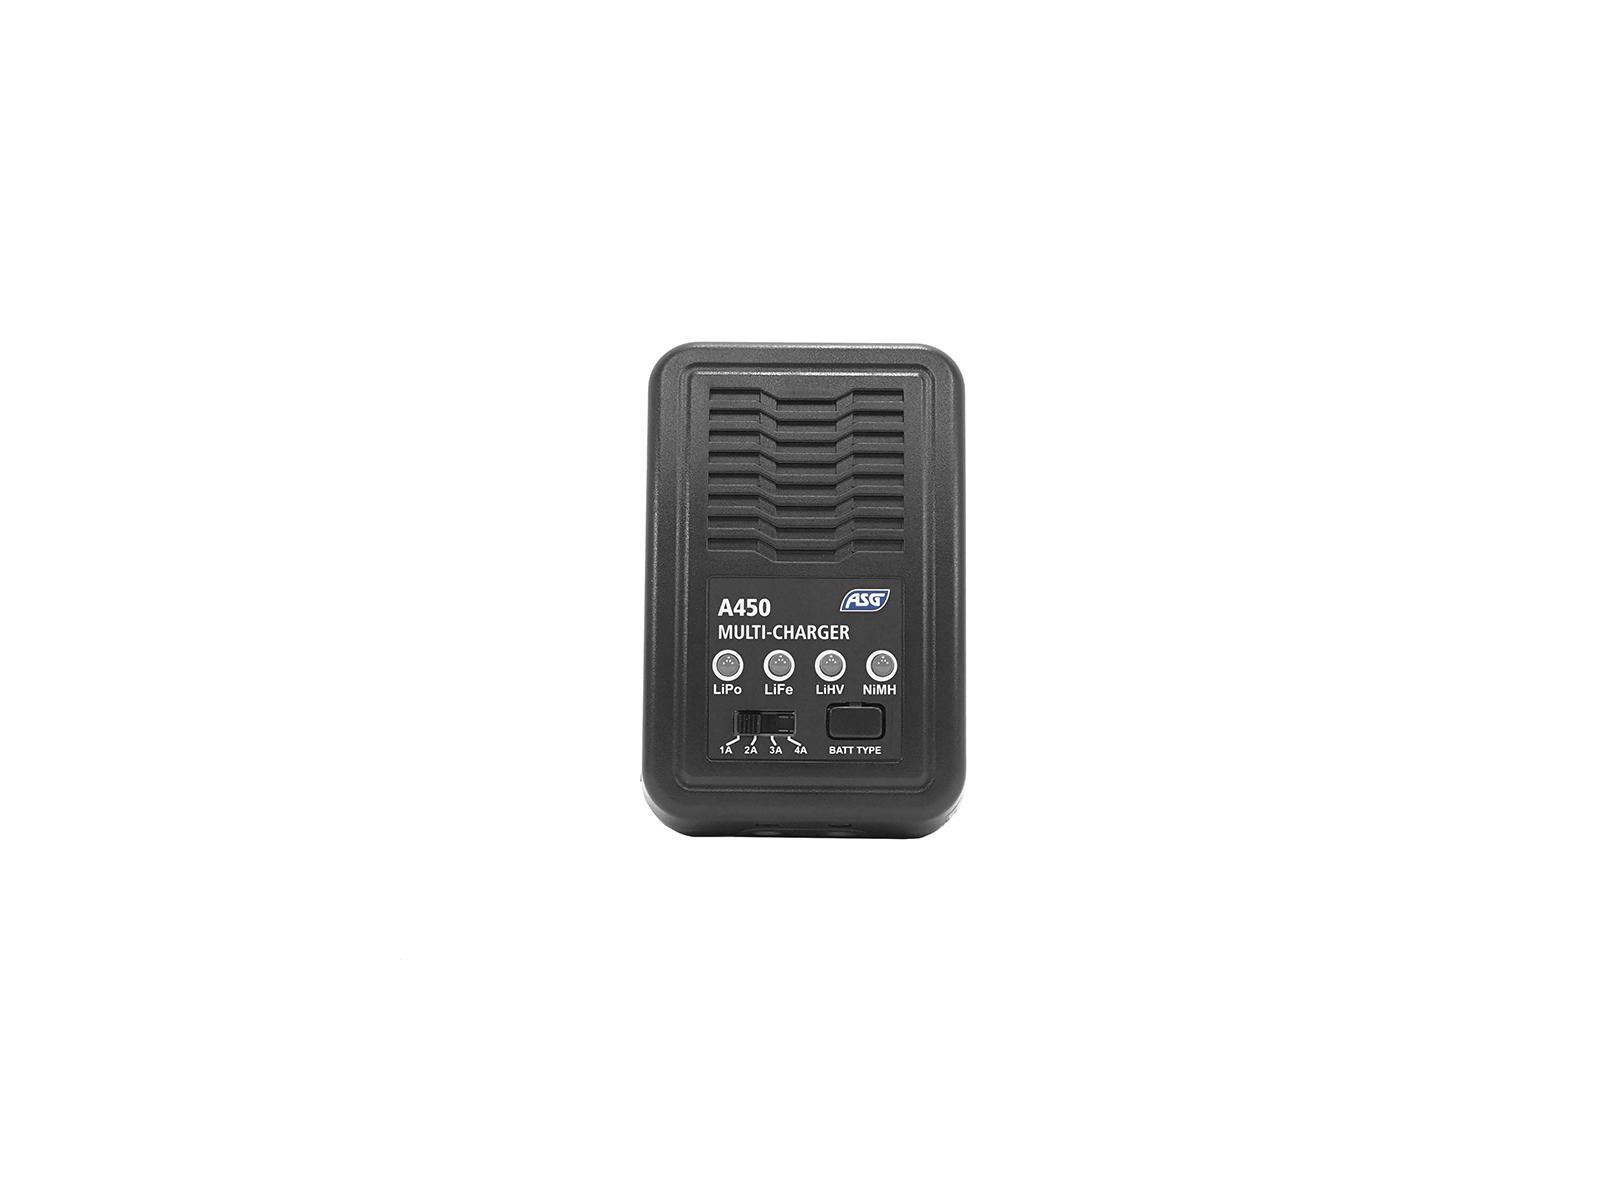 ASG A450 Charger – LiPo NiMH LiFe LiHV, UK plug product image